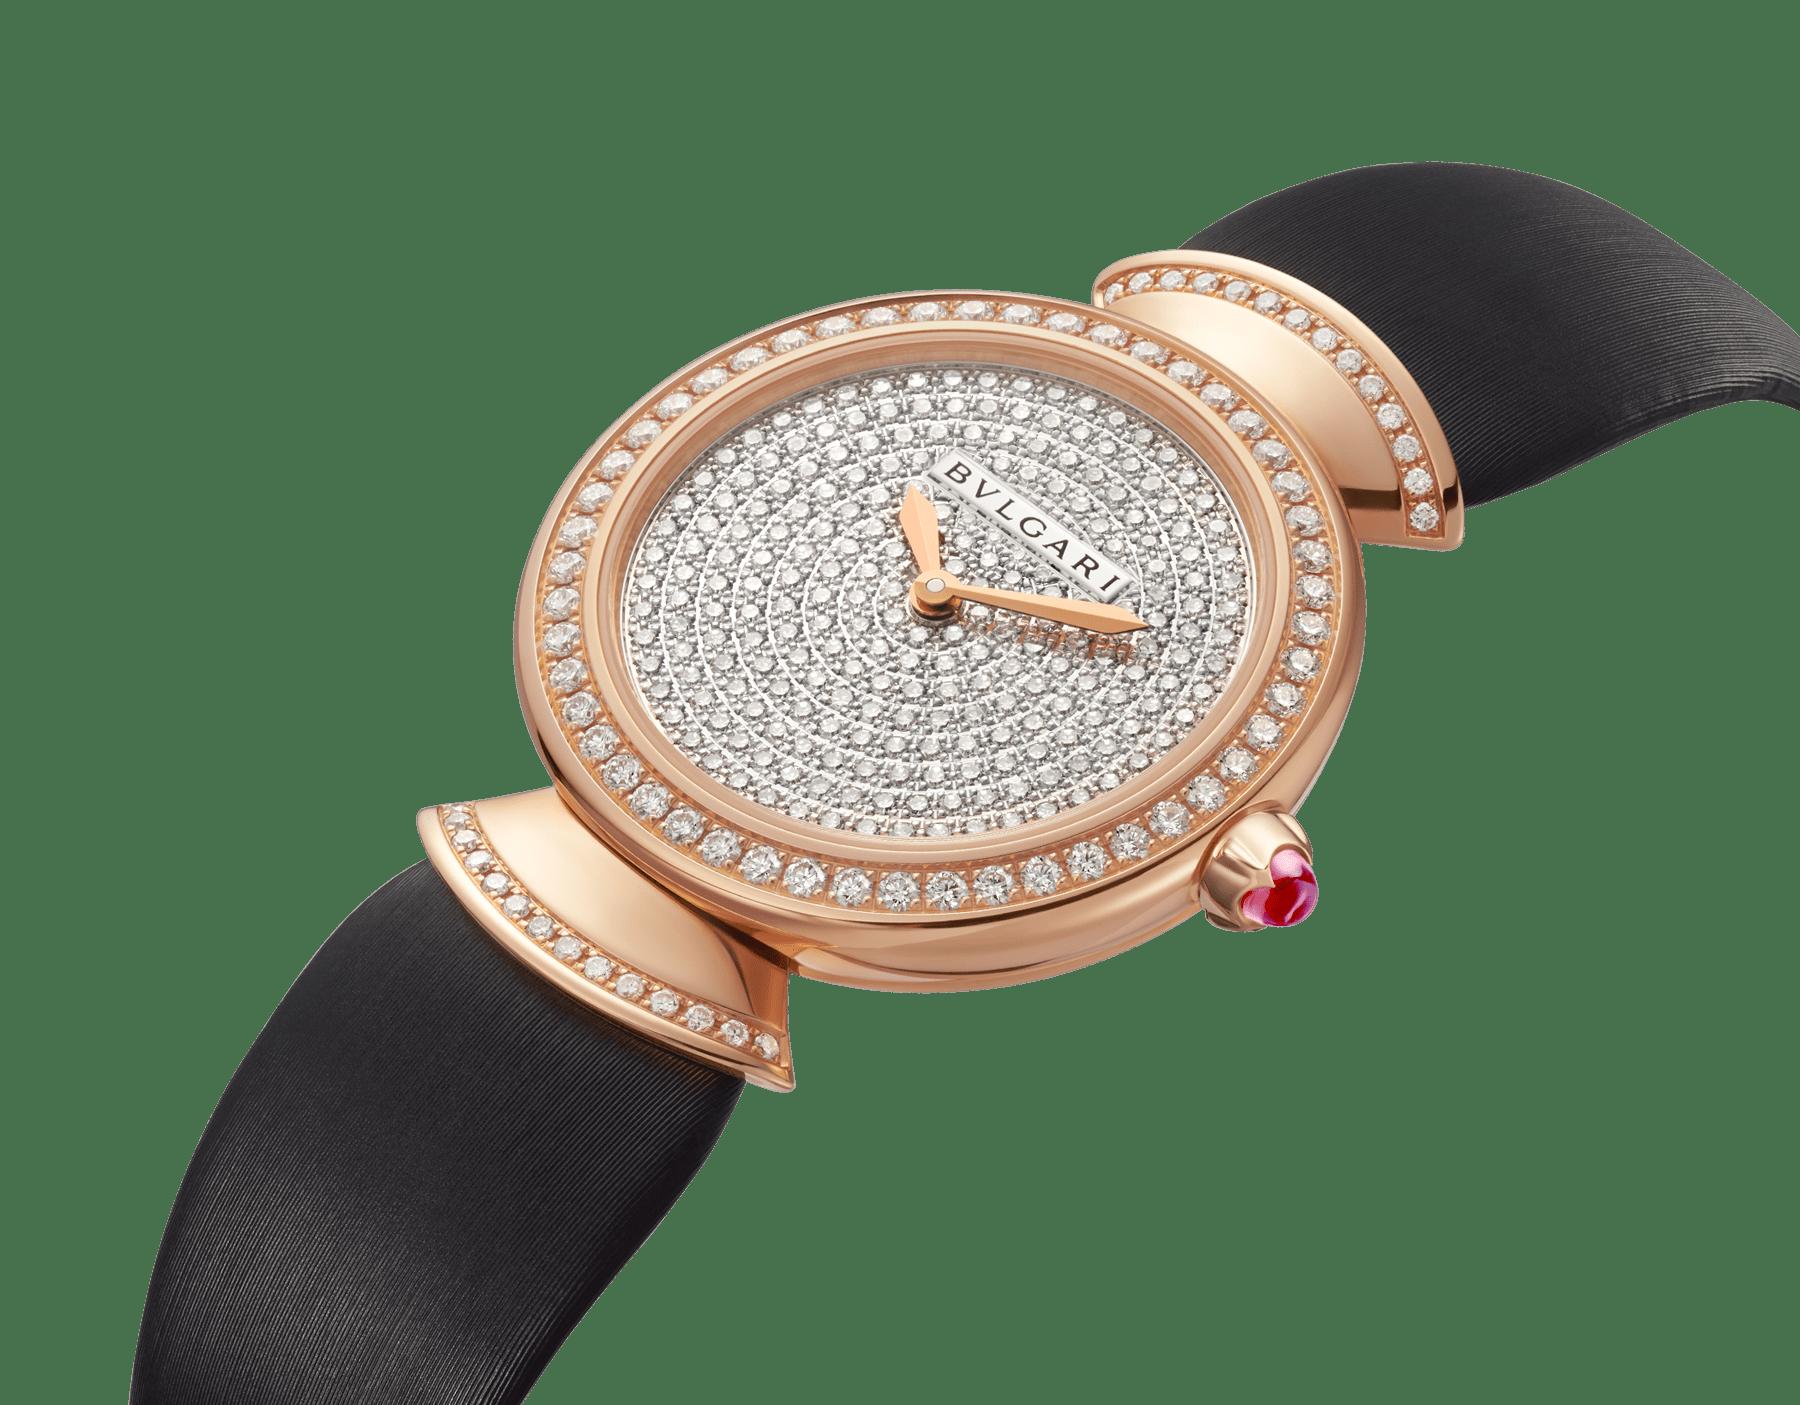 Montre DIVAS' DREAM avec boîtier en or rose 18K serti de diamants taille brillant, cadran pavé diamants et bracelet en satin noir 102432 image 2